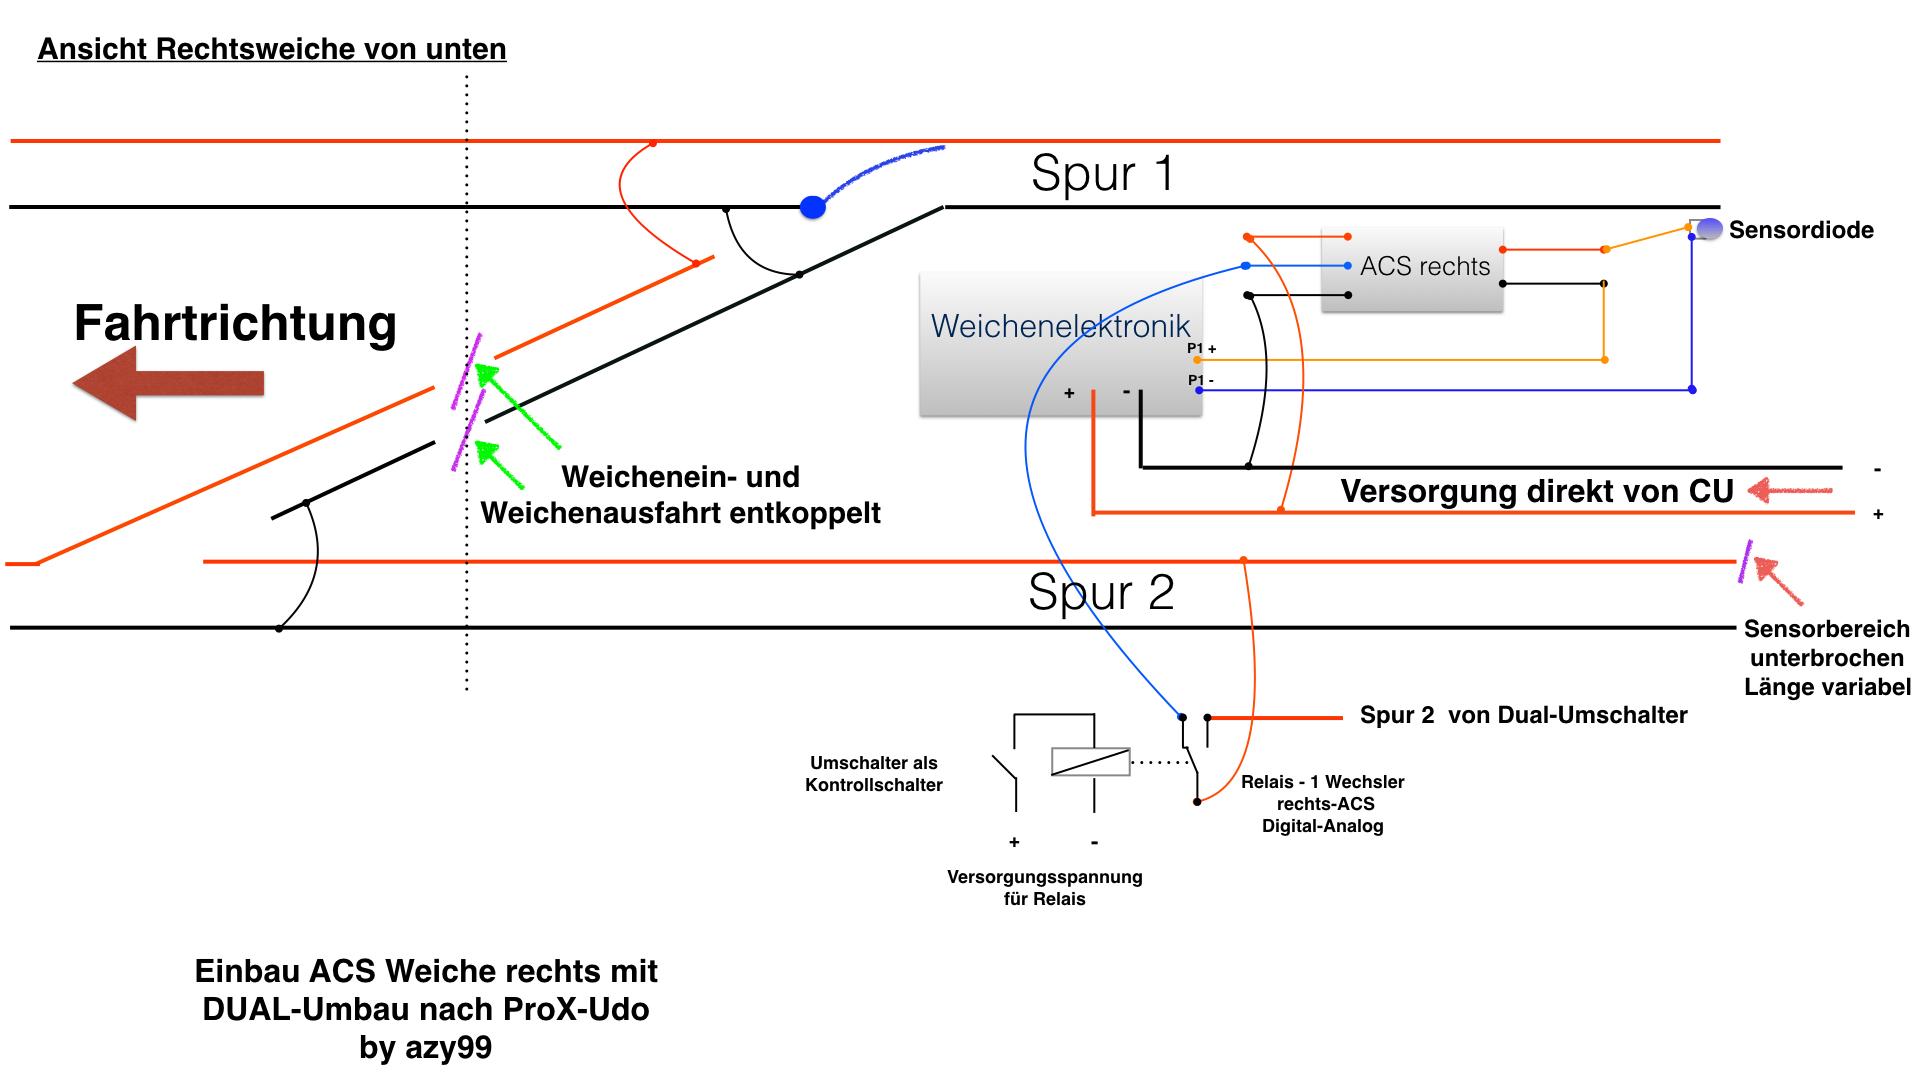 Großartig Verdrahtungspläne Für Instrumentenschleifen Bilder - Der ...